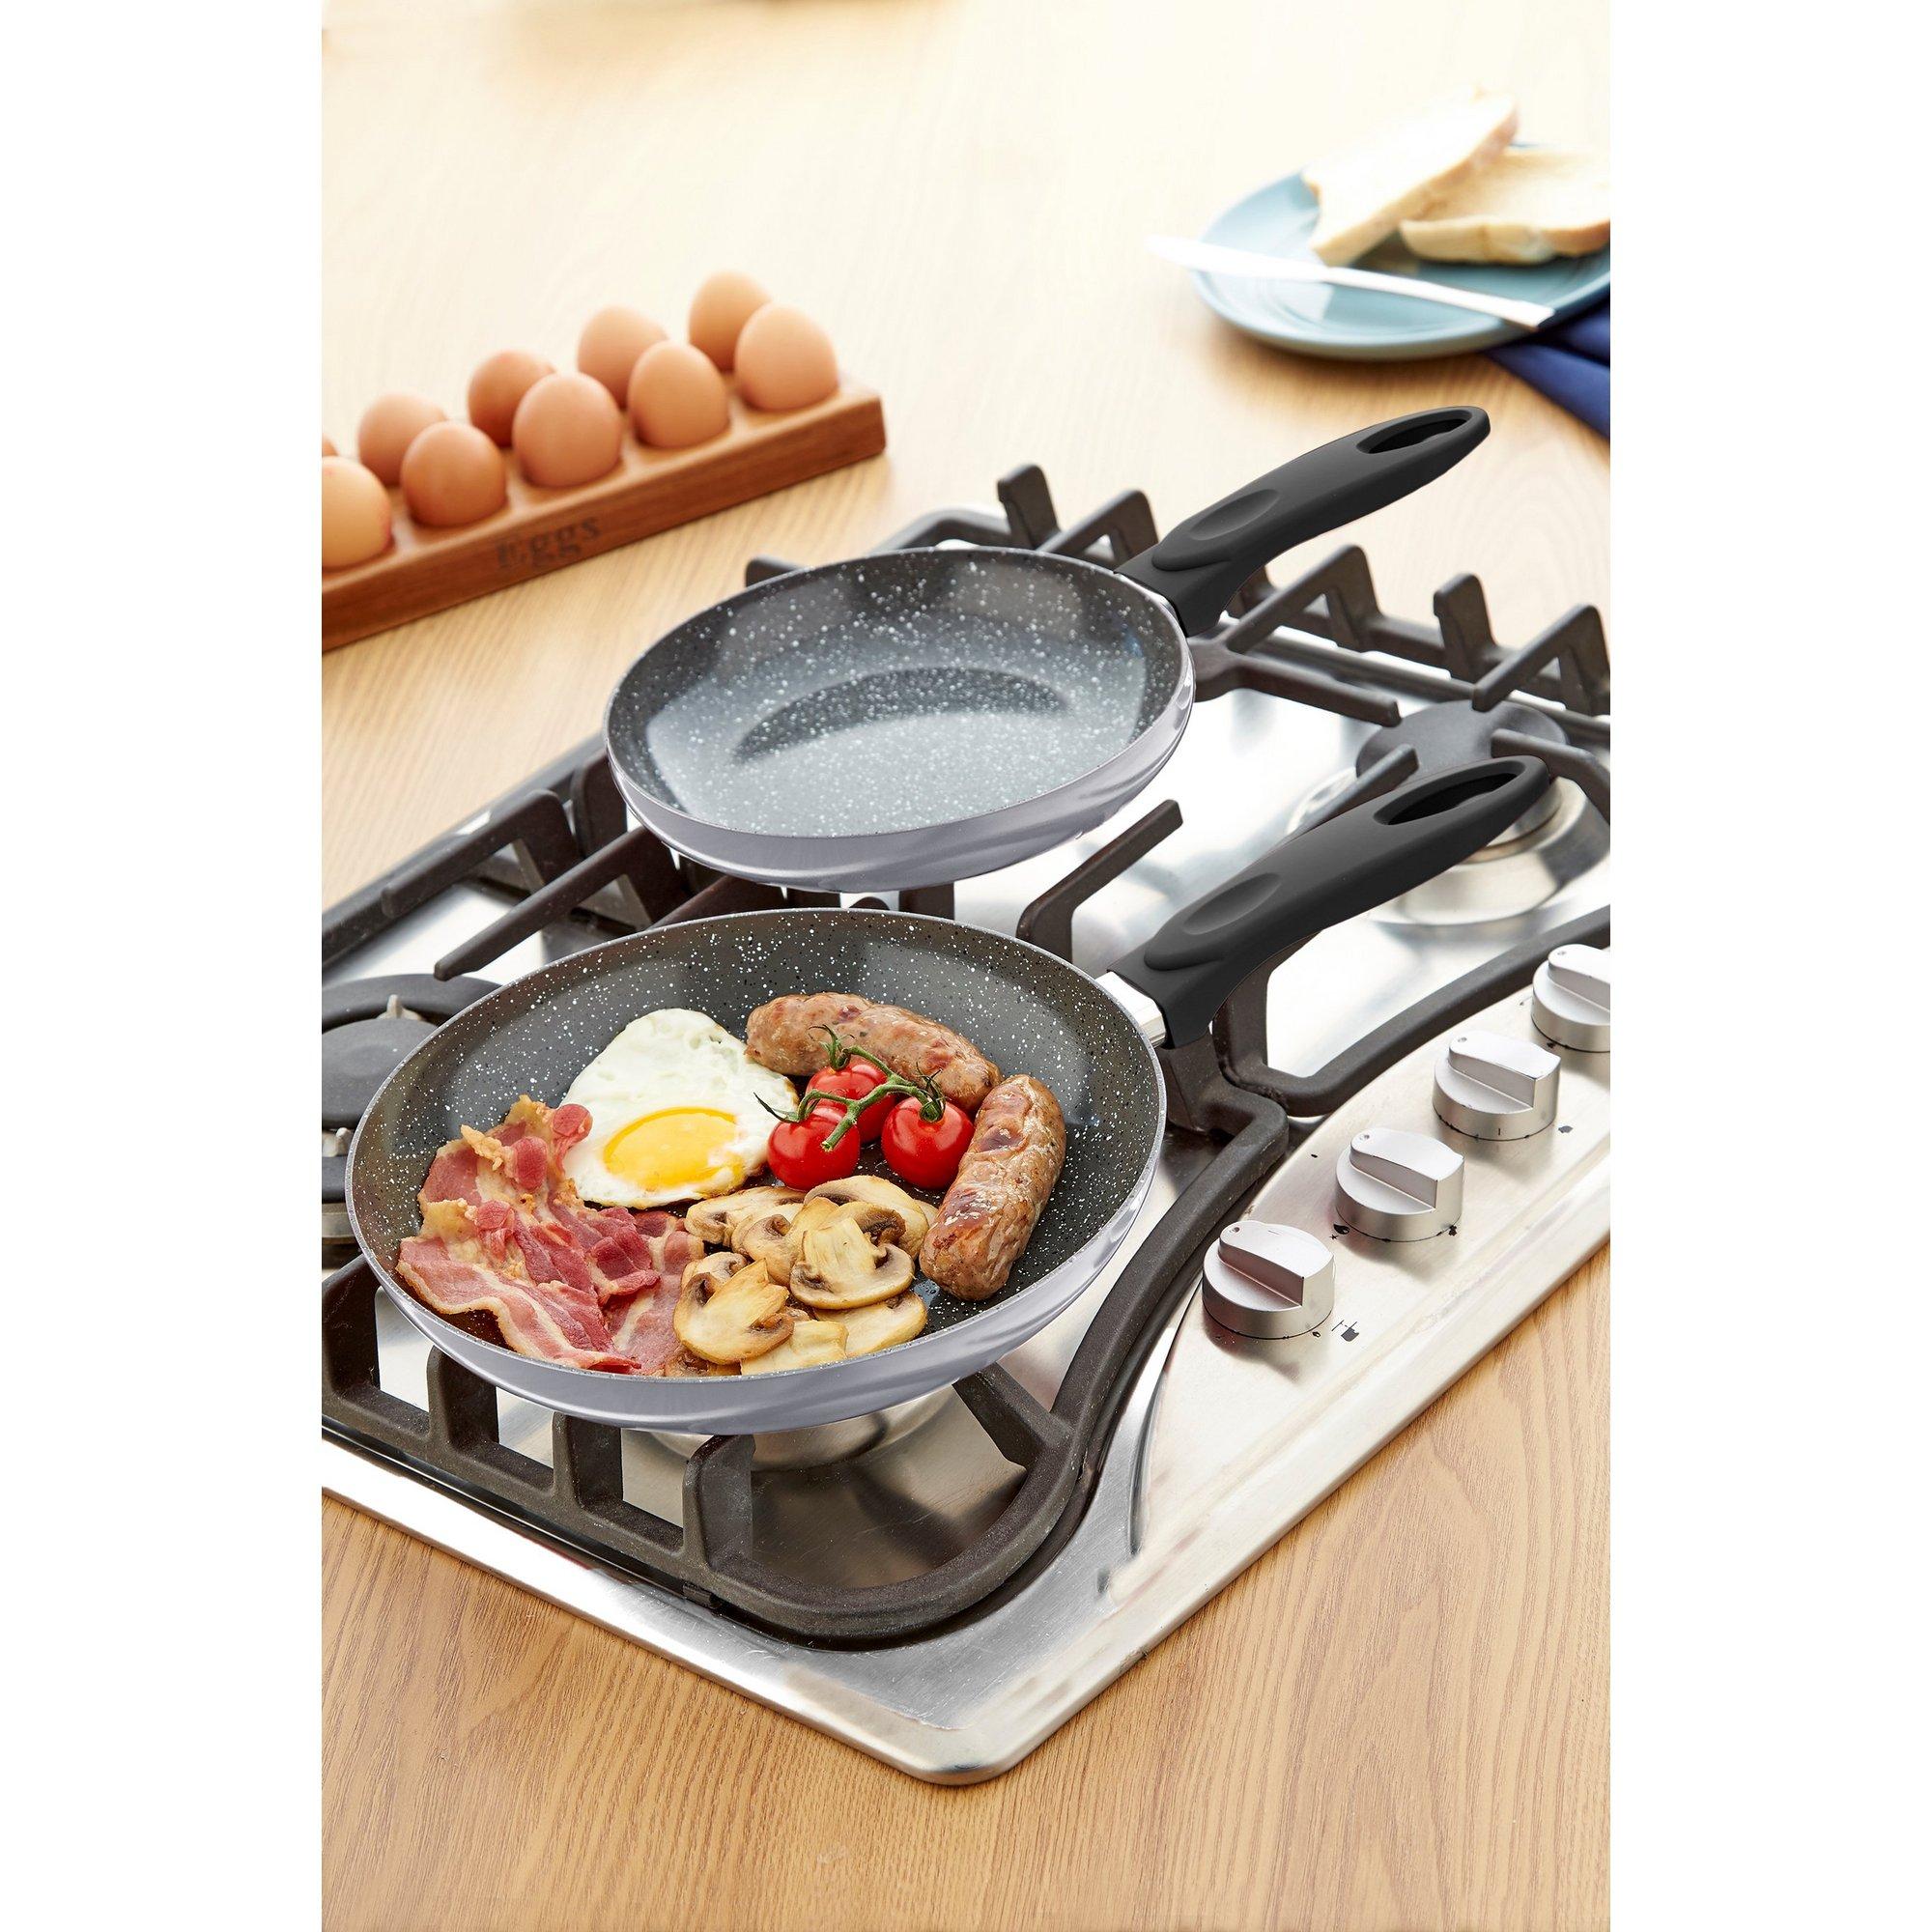 Image of 2-Piece Durastone Frying Pan Set